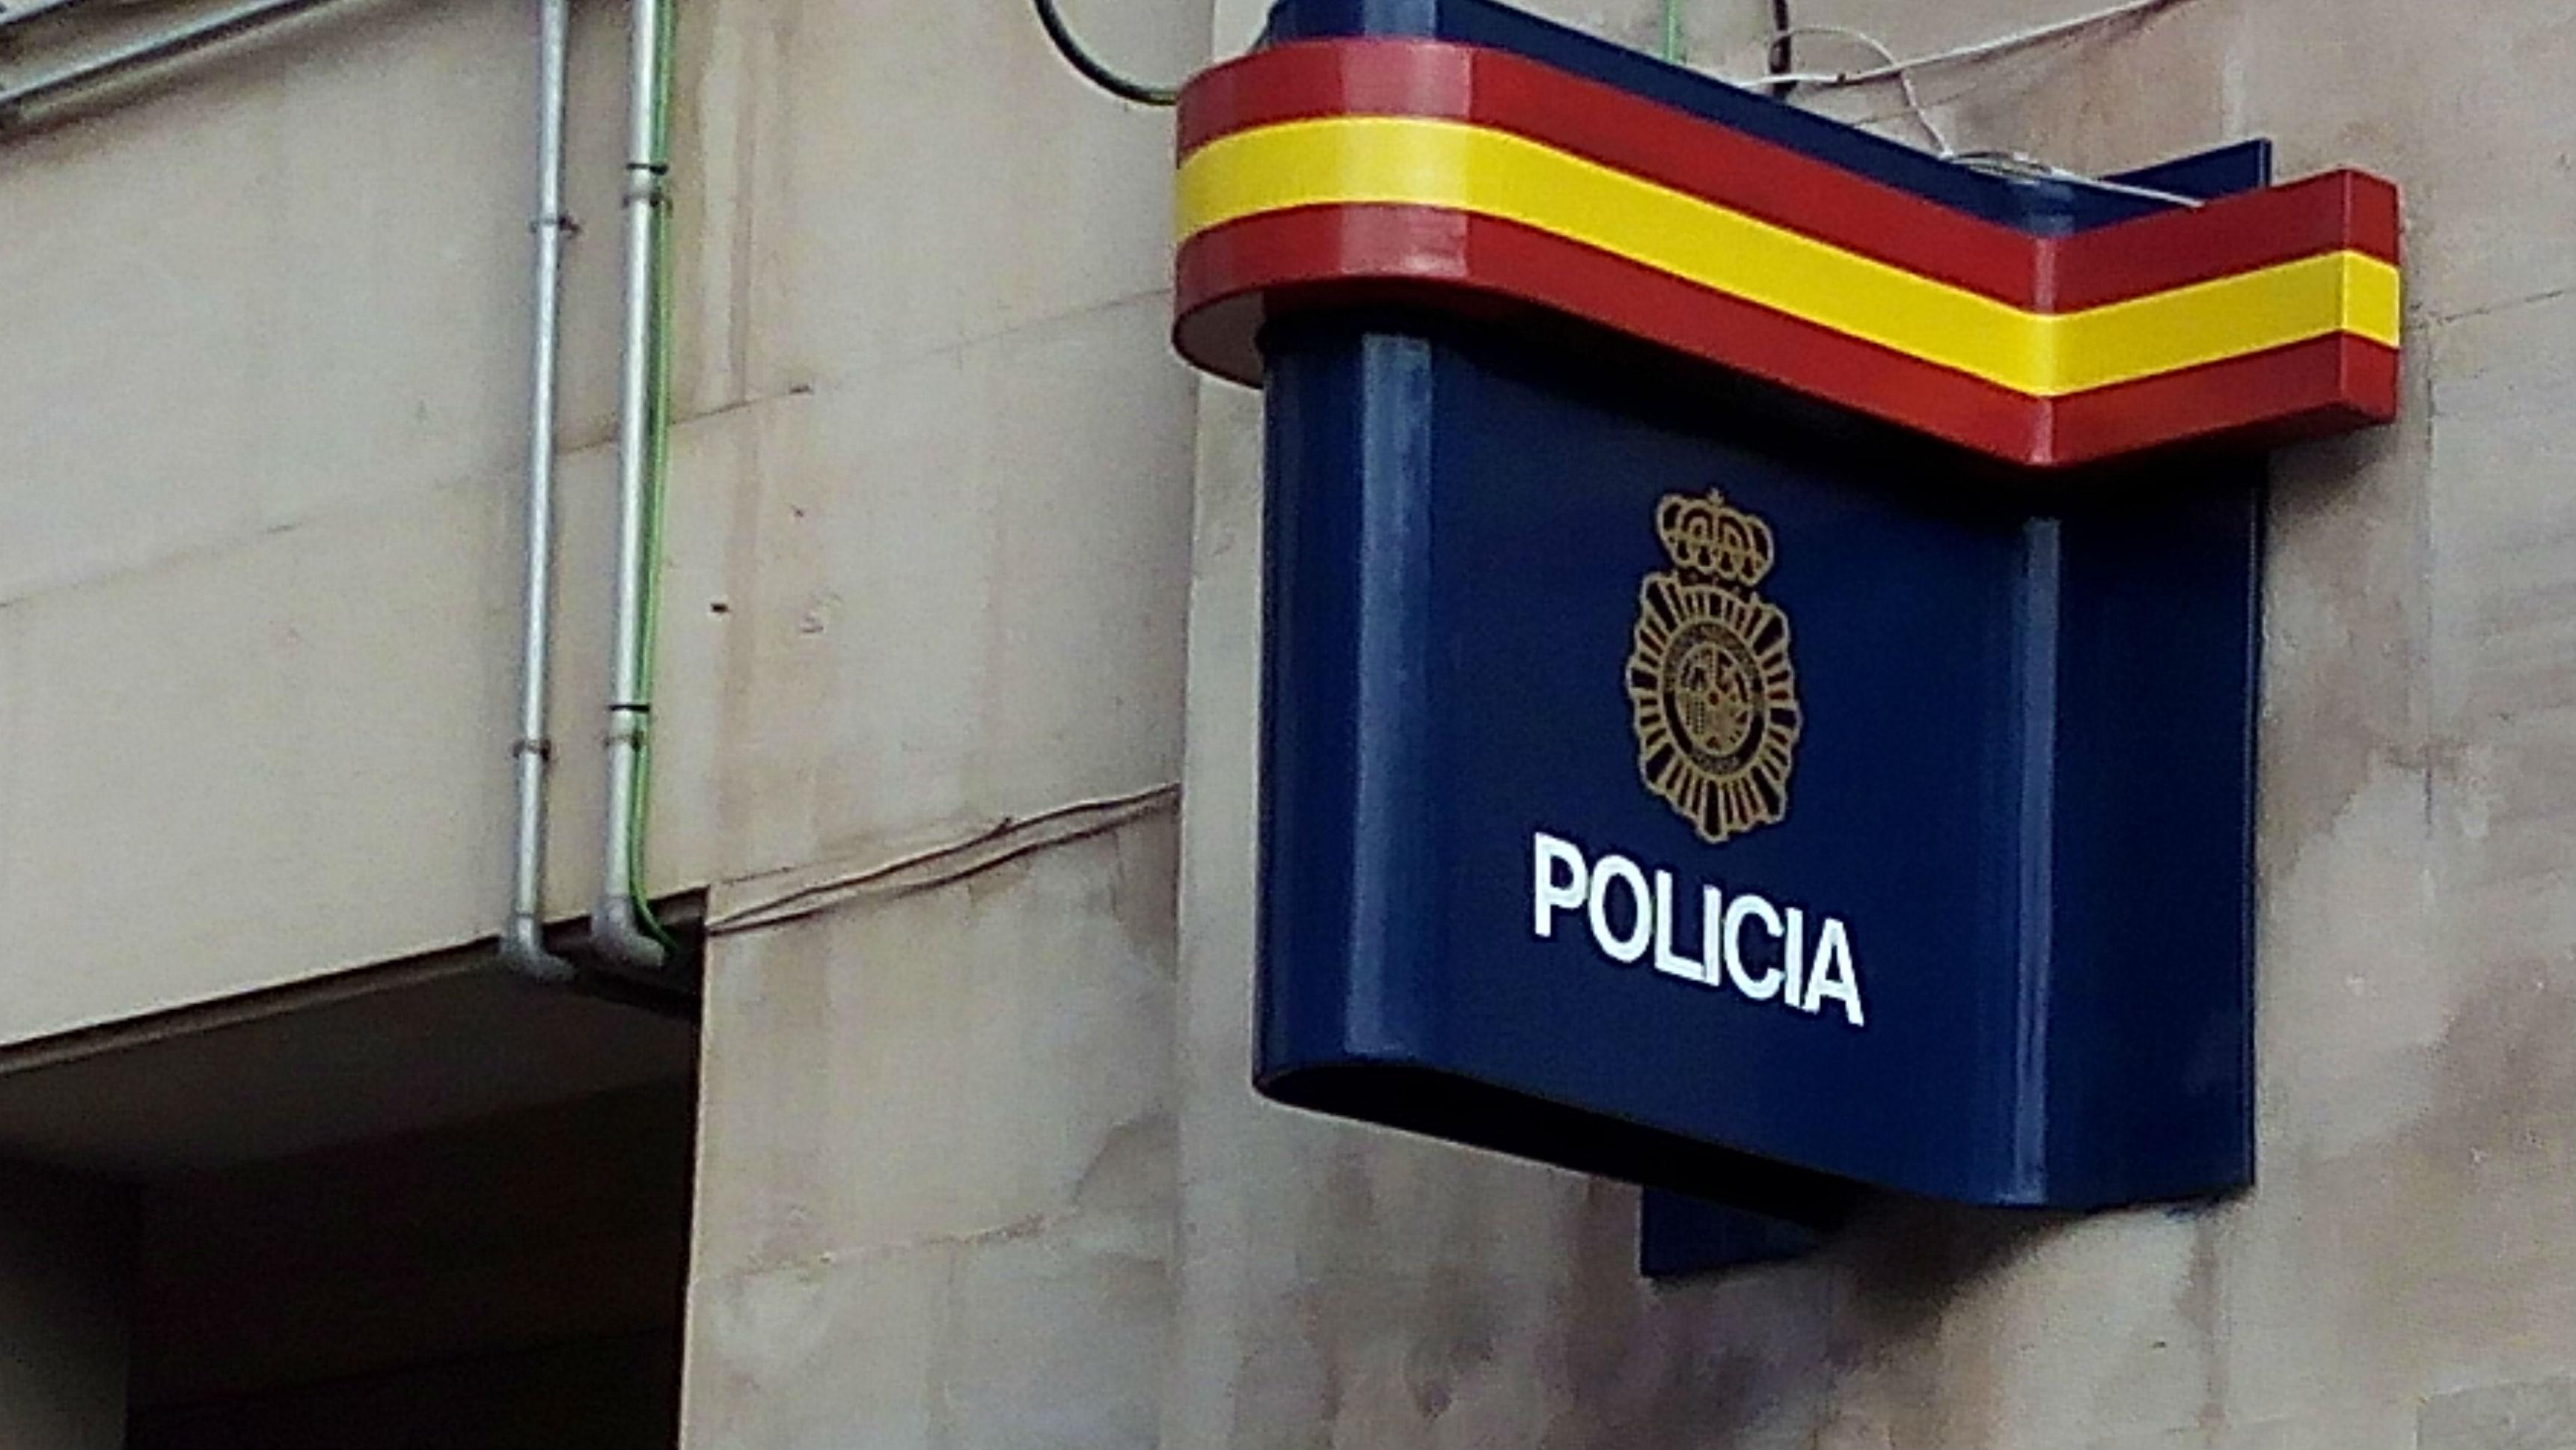 Sede la comisaría de la Policía Nacional en Jaén.